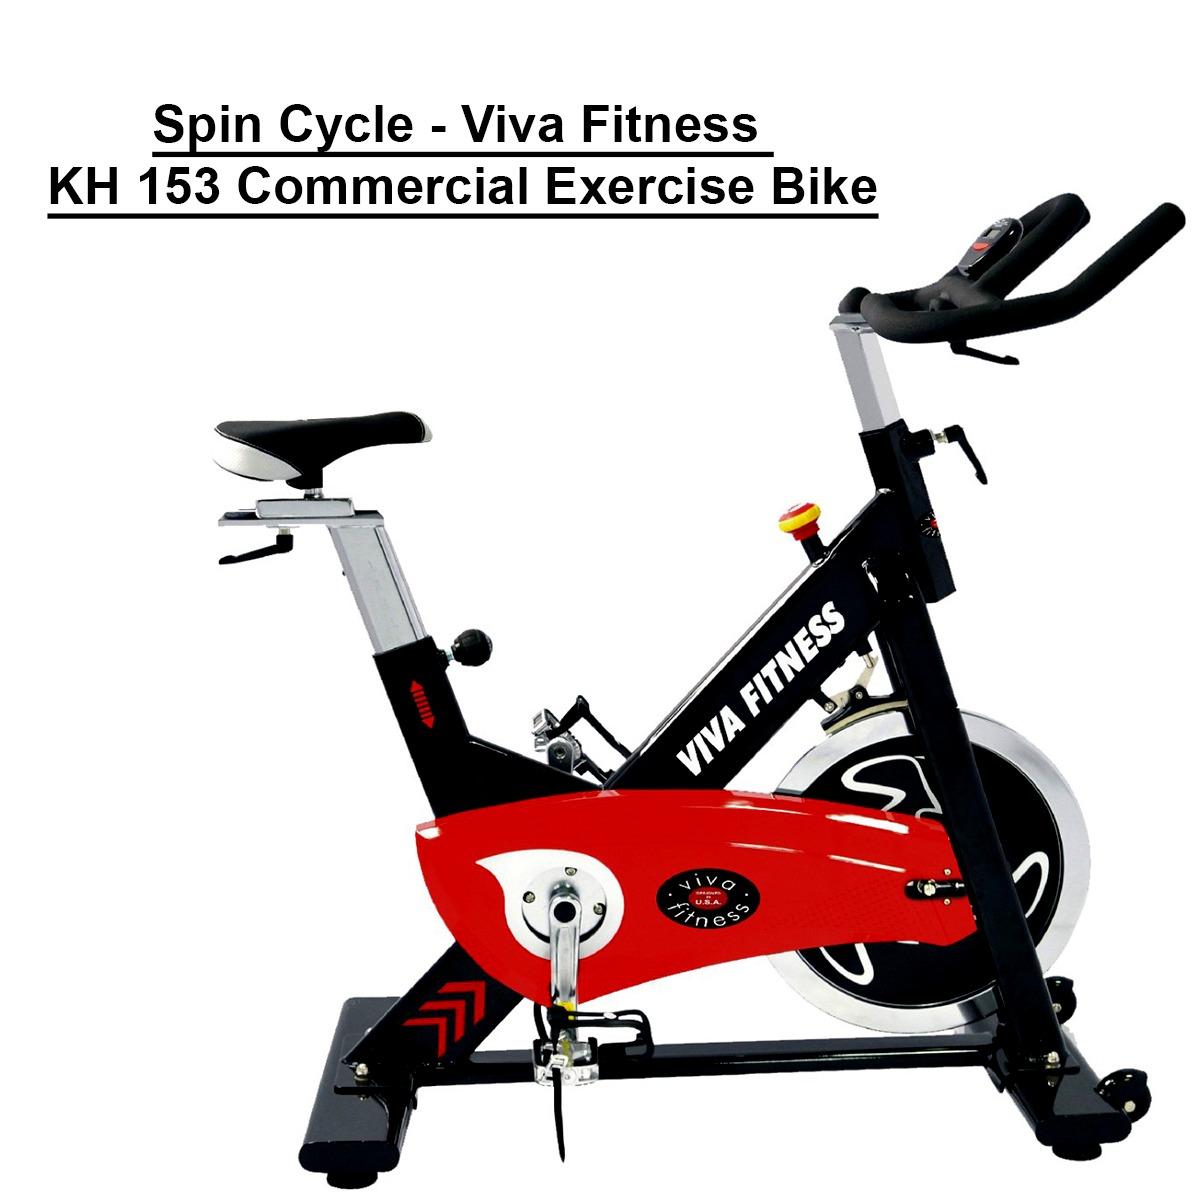 Viva Fitness KH 153 Spin Bike